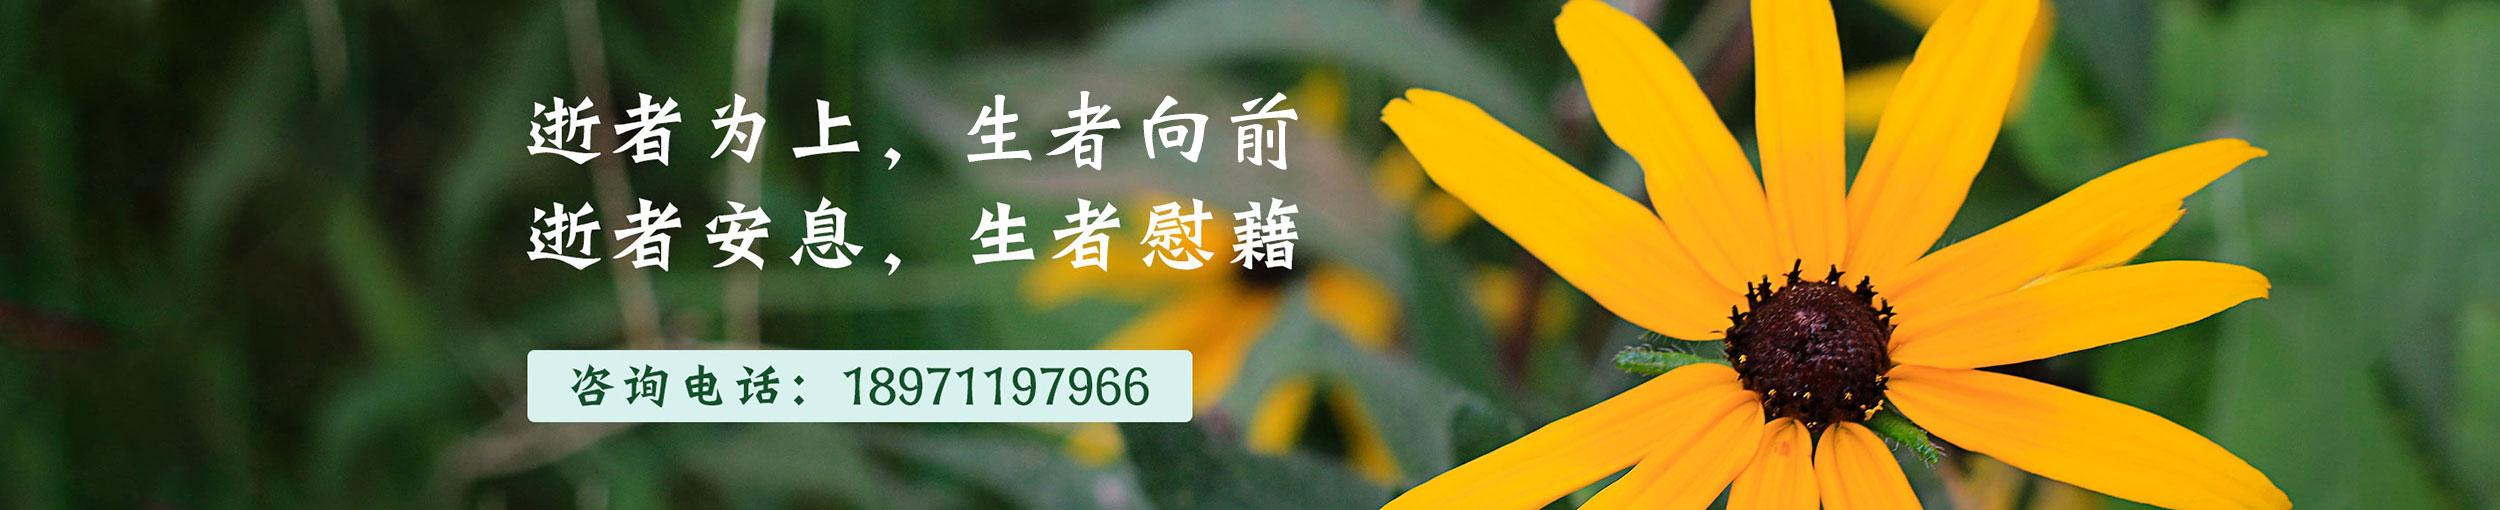 武汉流芳陵园价格